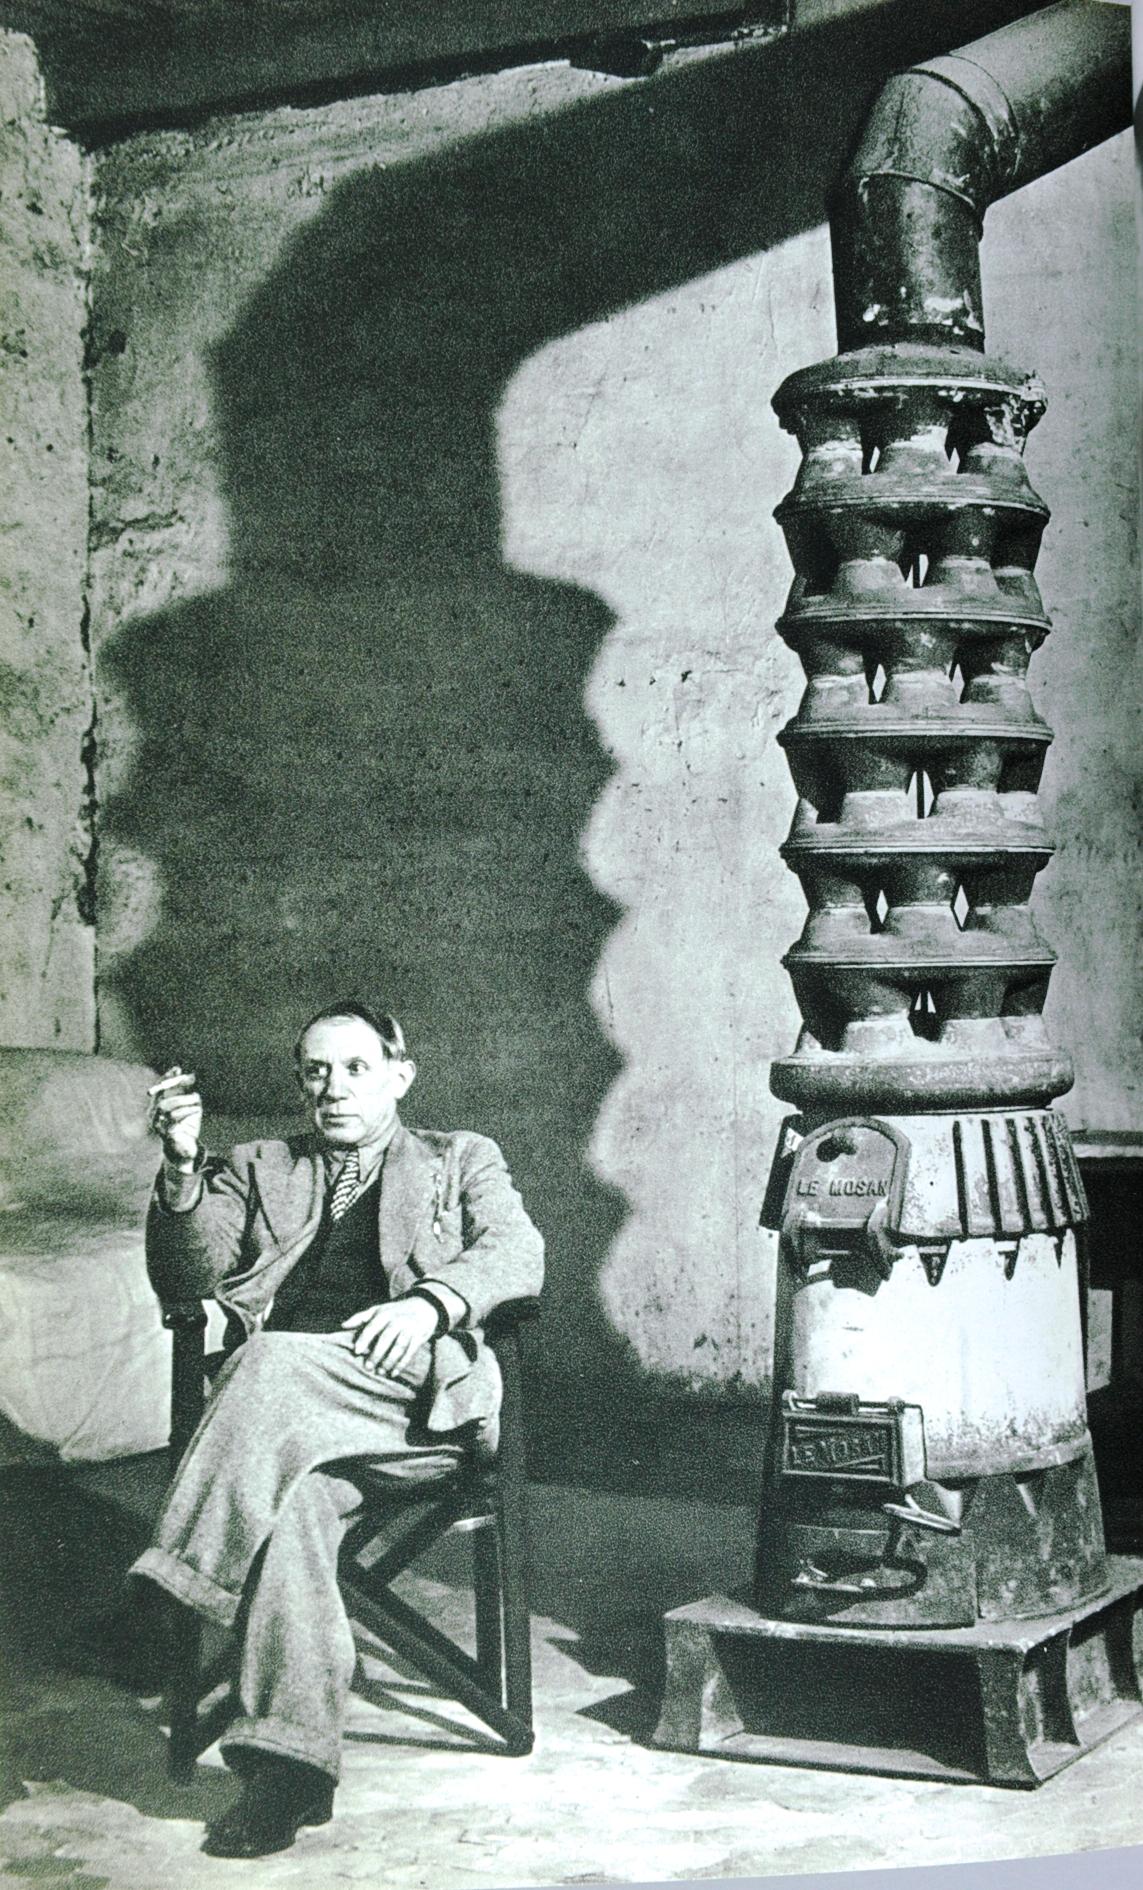 Brassaï – Conversations avec Picasso